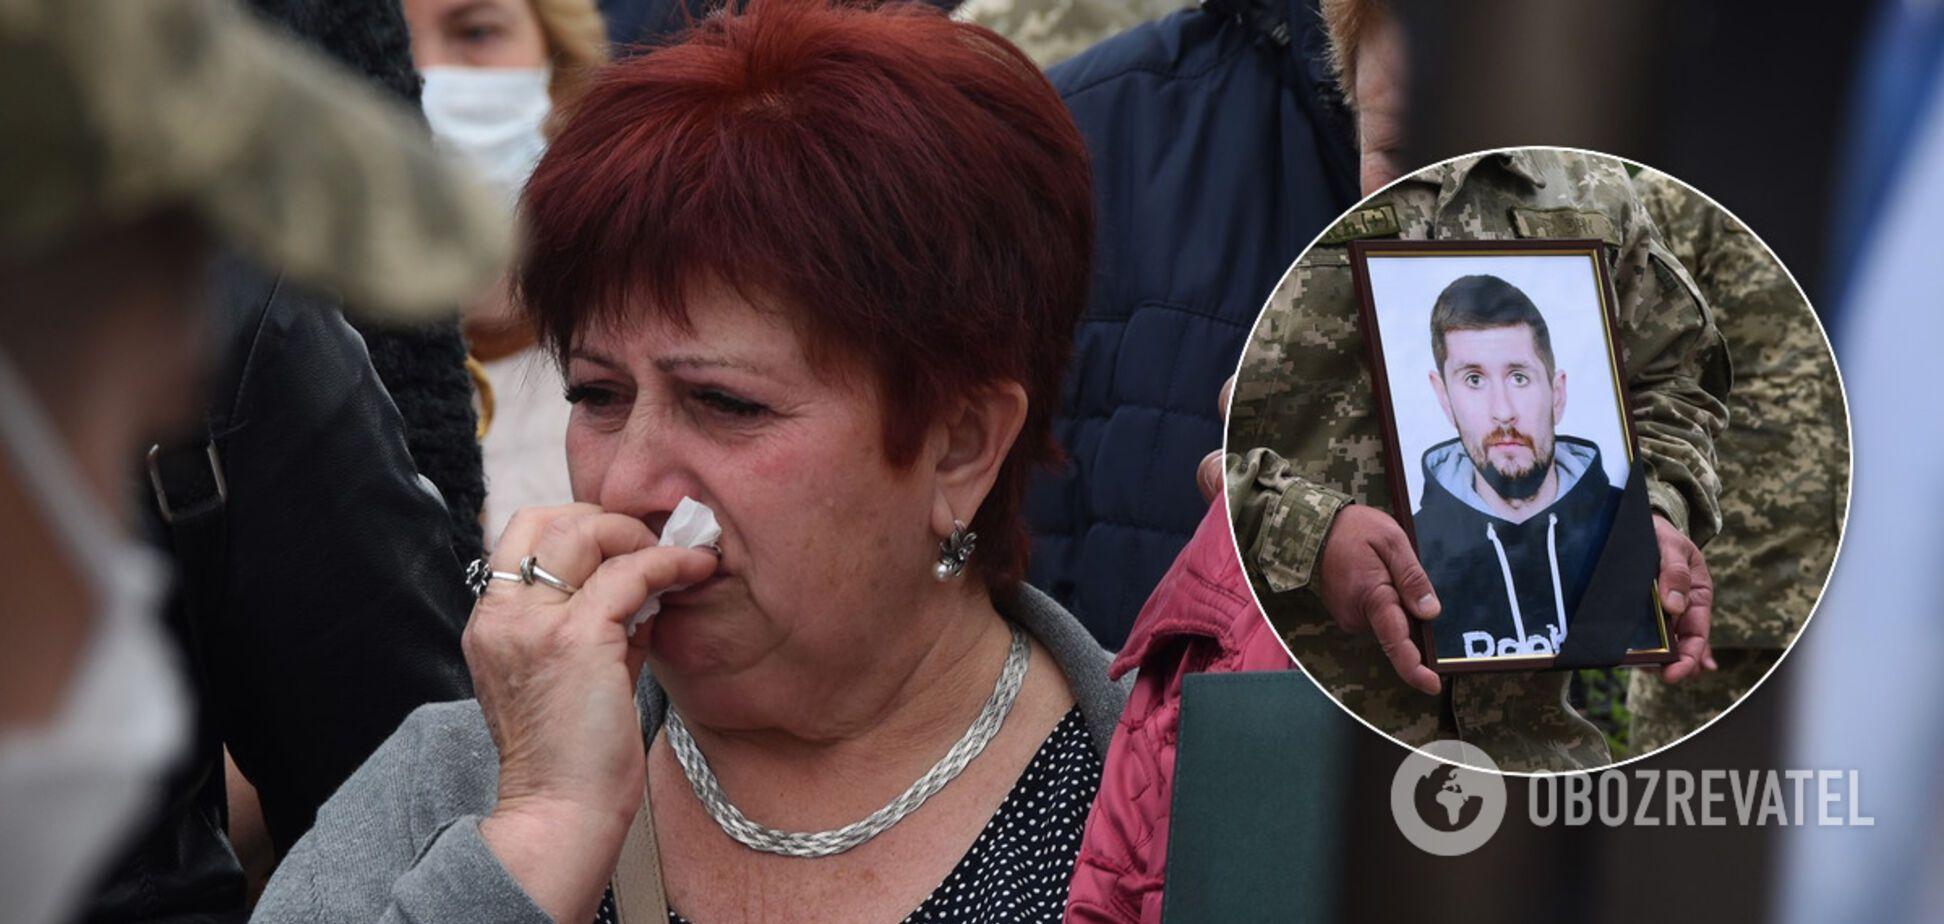 У Павлограді попрощалися з убитим на Донбасі воїном ЗСУ. Фото 18+